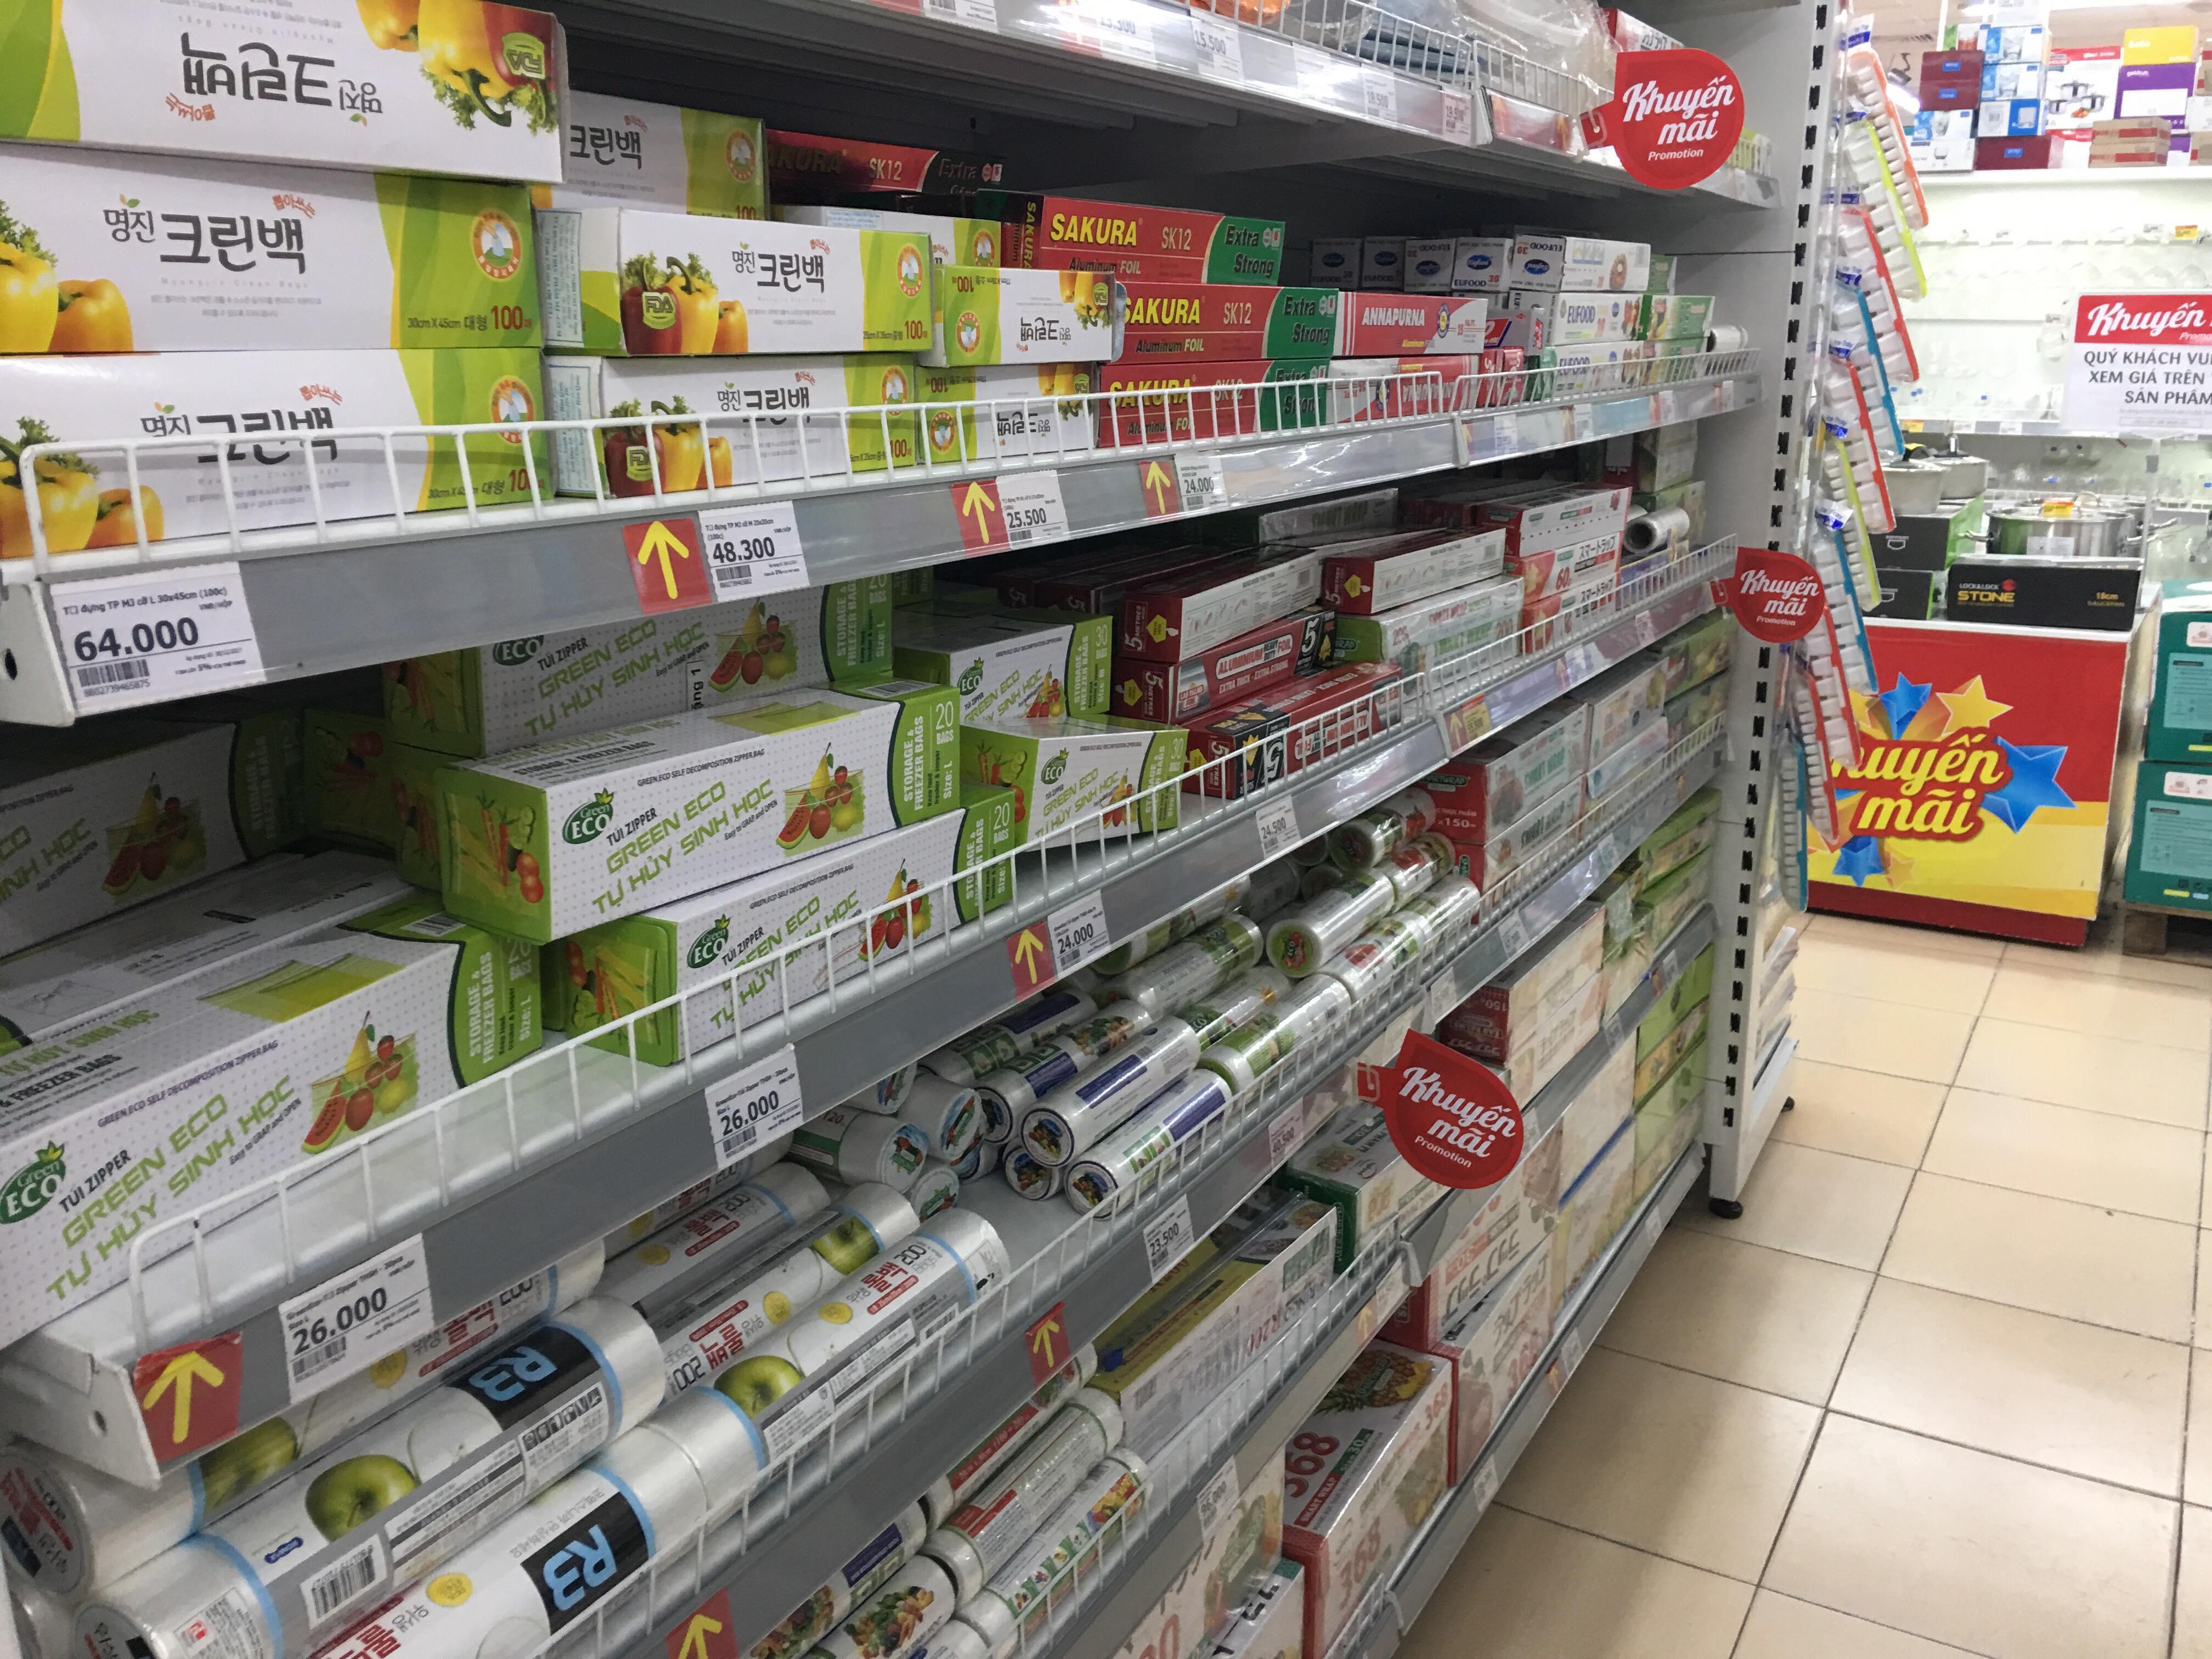 Hiện nay màng bọc thực phẩm được dùng khá phổ biến nhưng nếu dùng sai cách cũng gây hậu quả khó lường. Ảnh: Vân Thảo